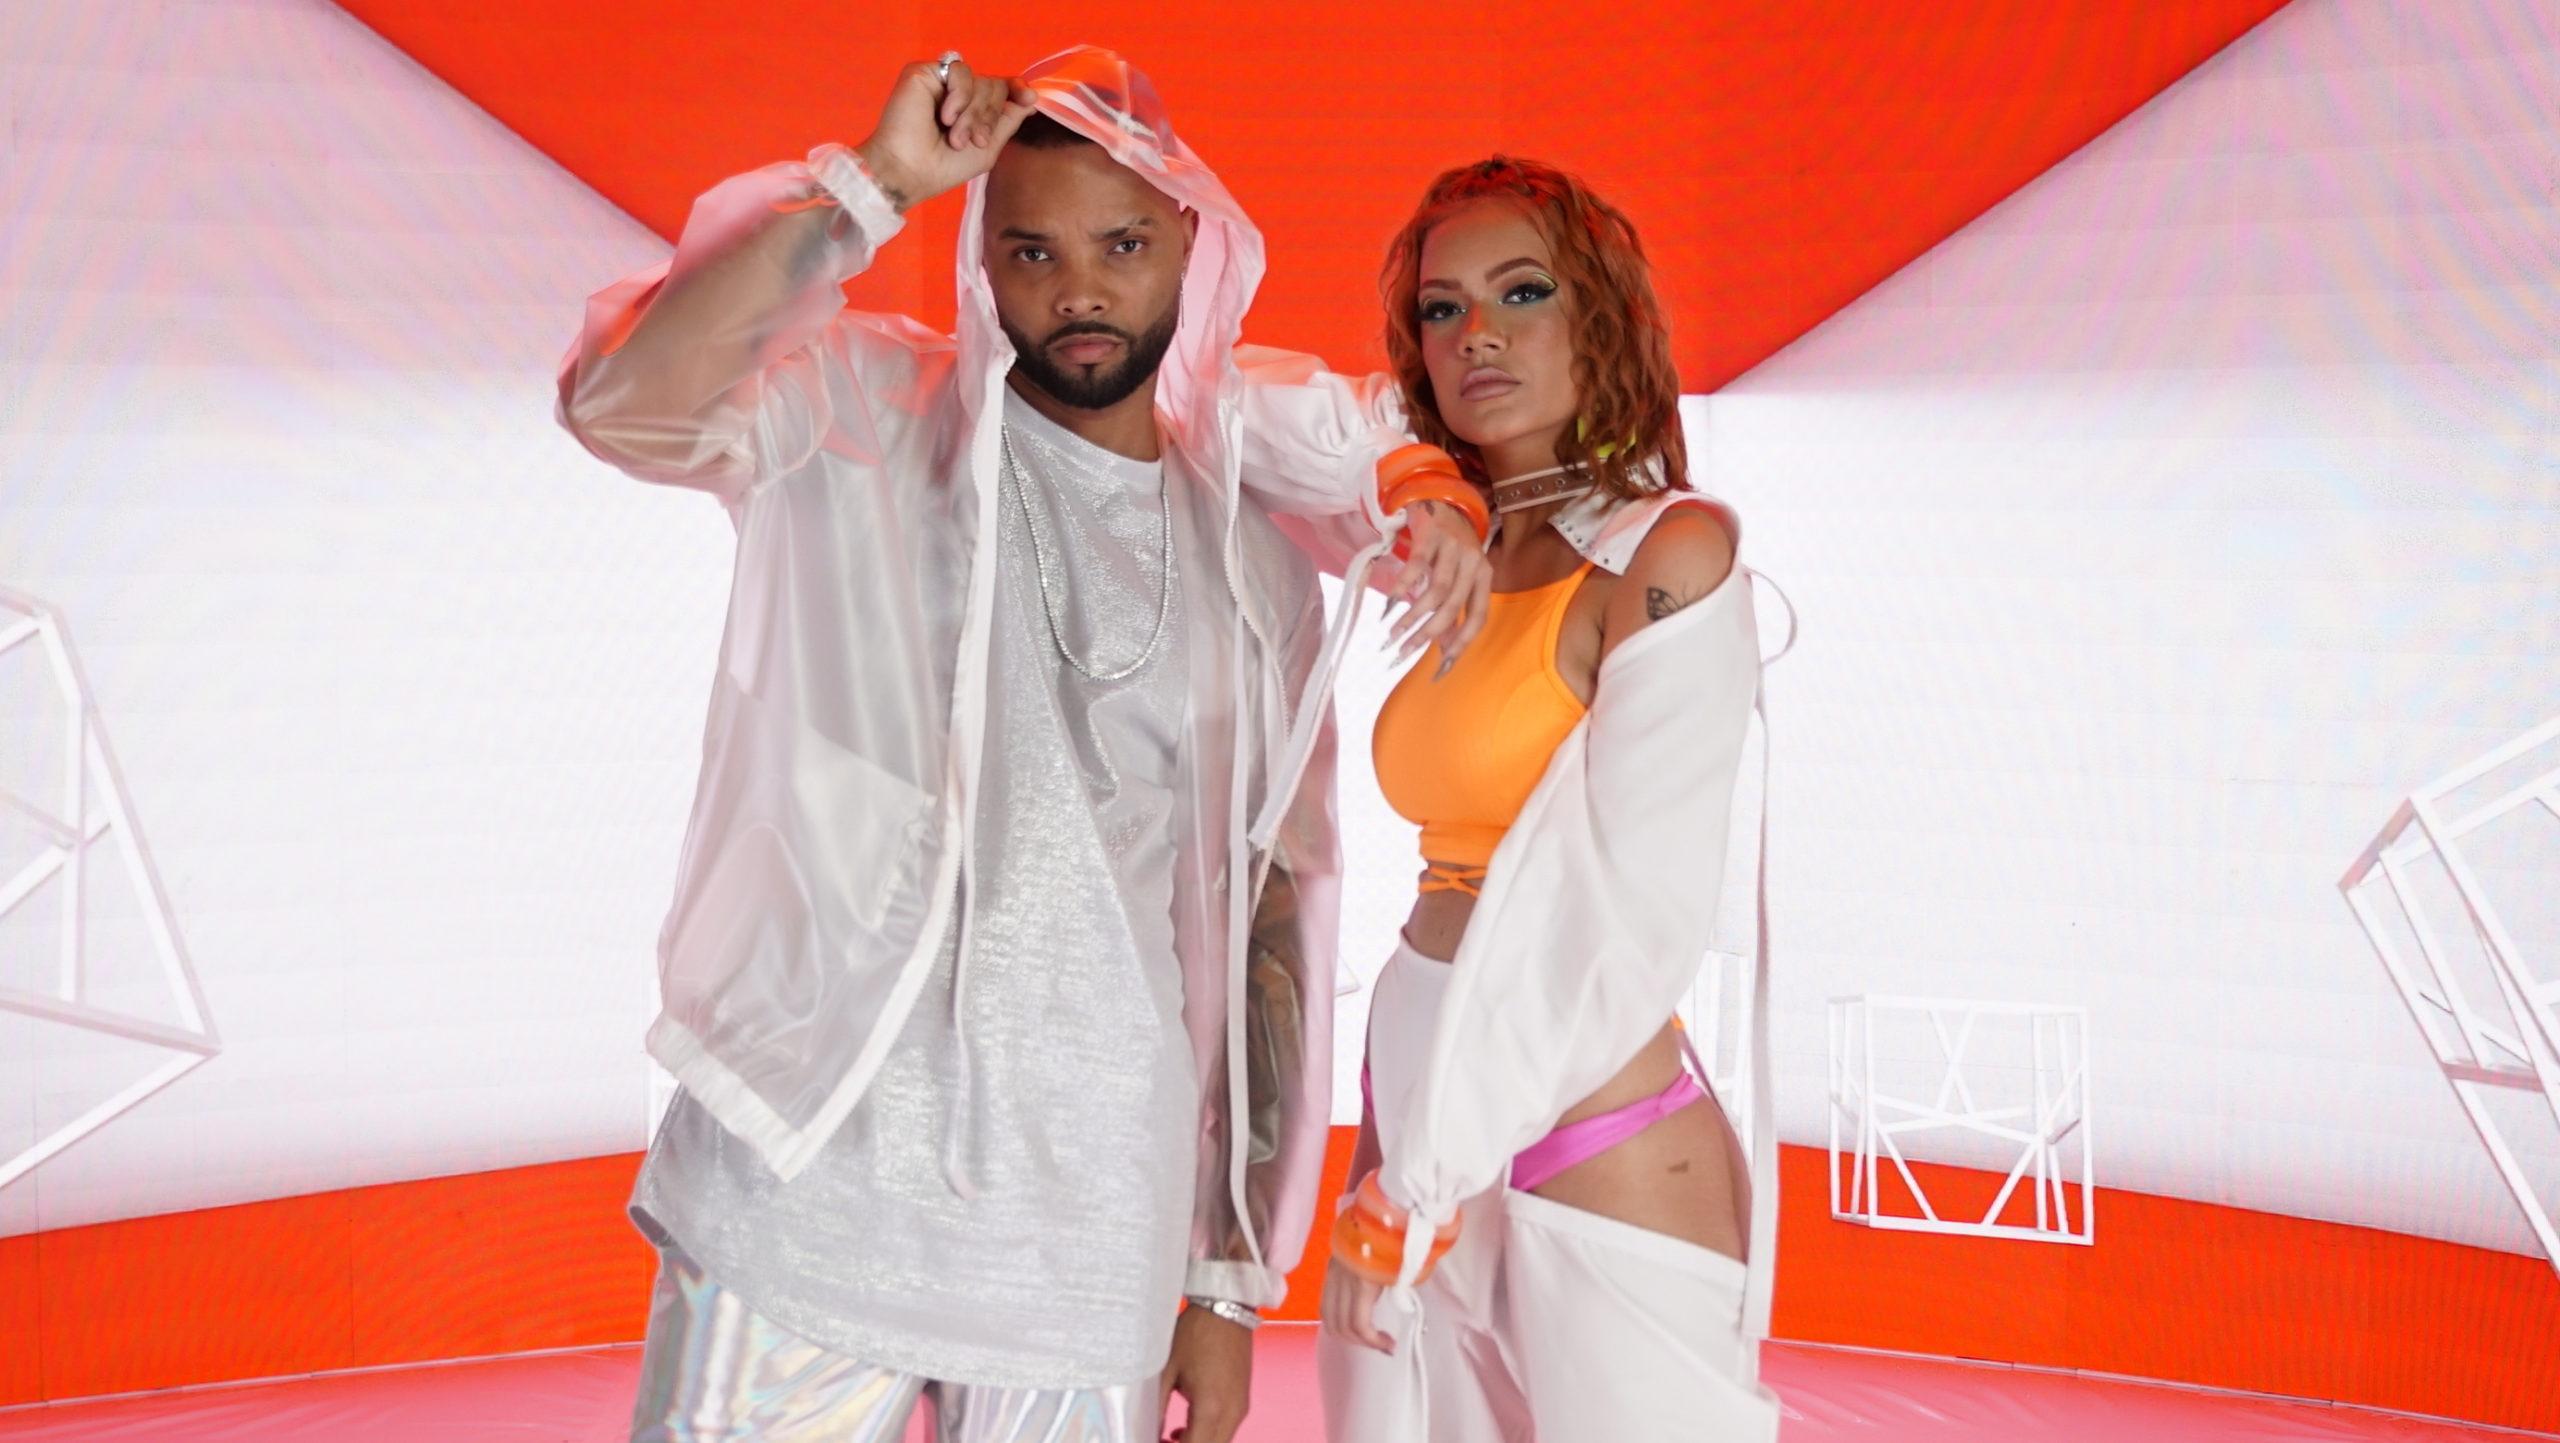 MC Zaac e Lara Silva. Foto: Divulgação / Diego Castanheira